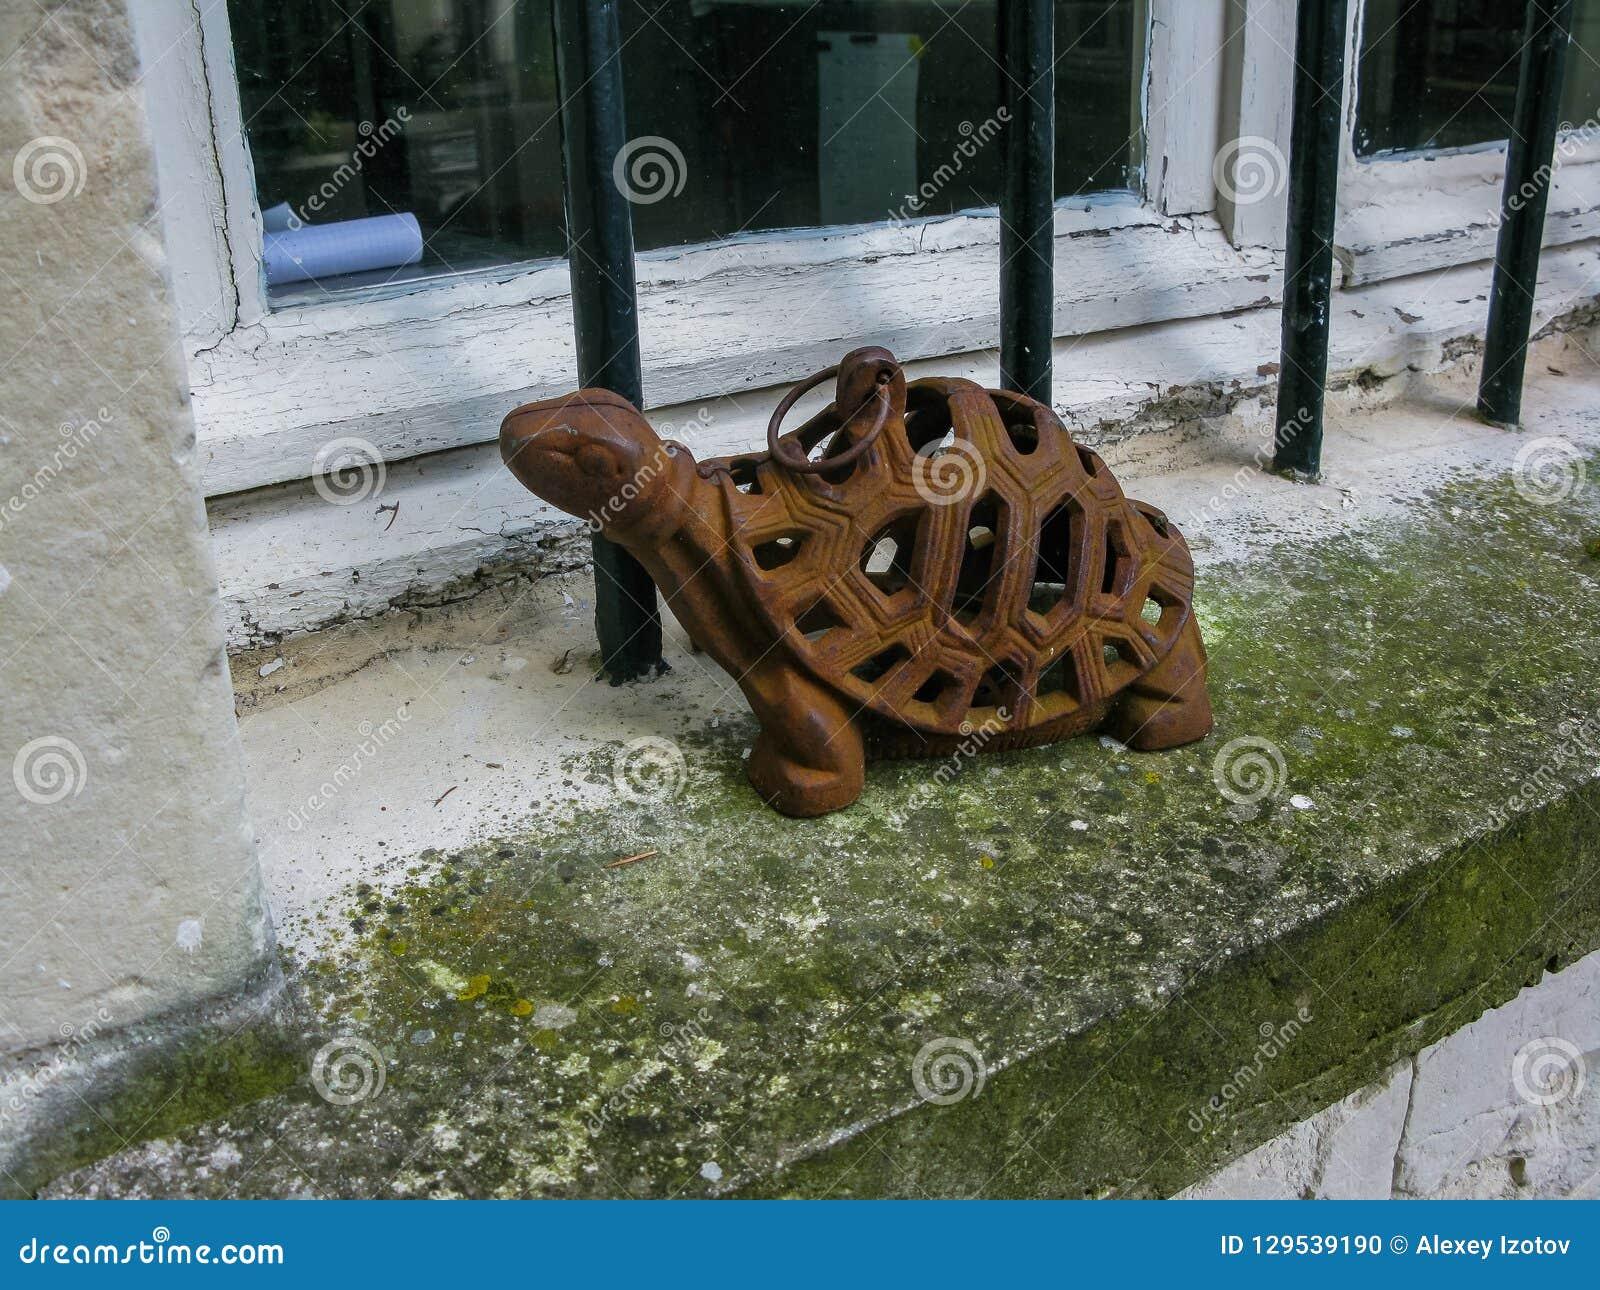 Iron turtle on the kitchen windowsill in the Loire